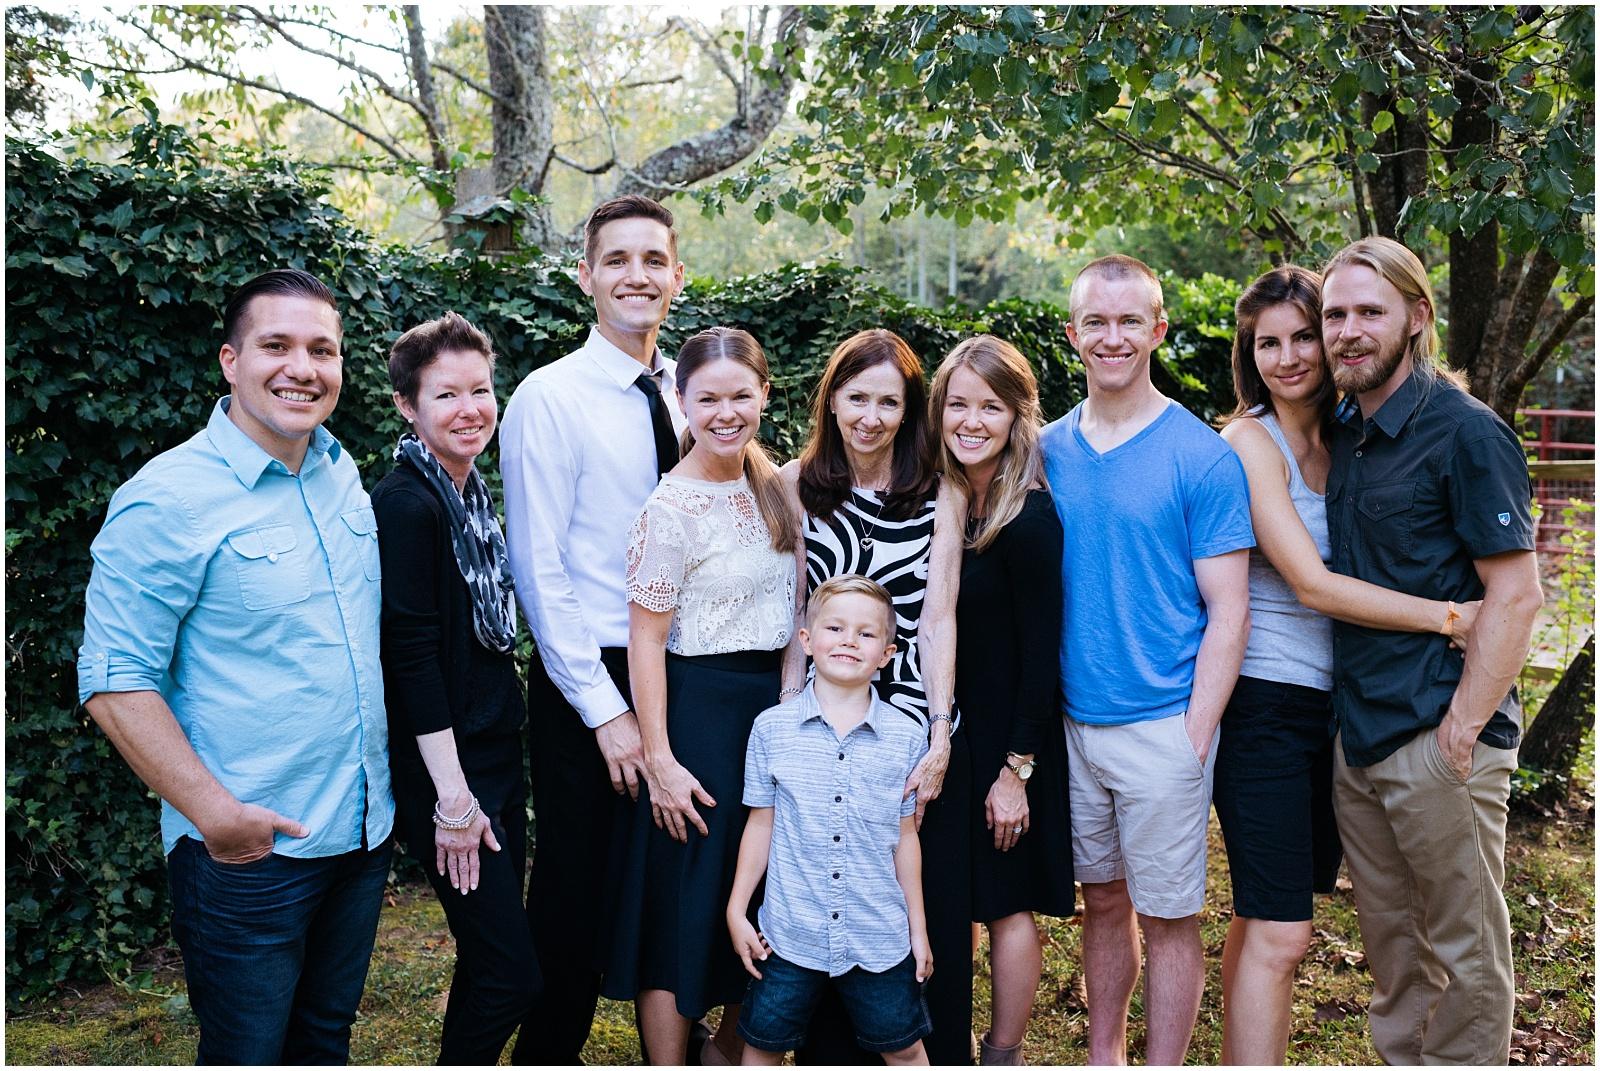 Whole family portrait